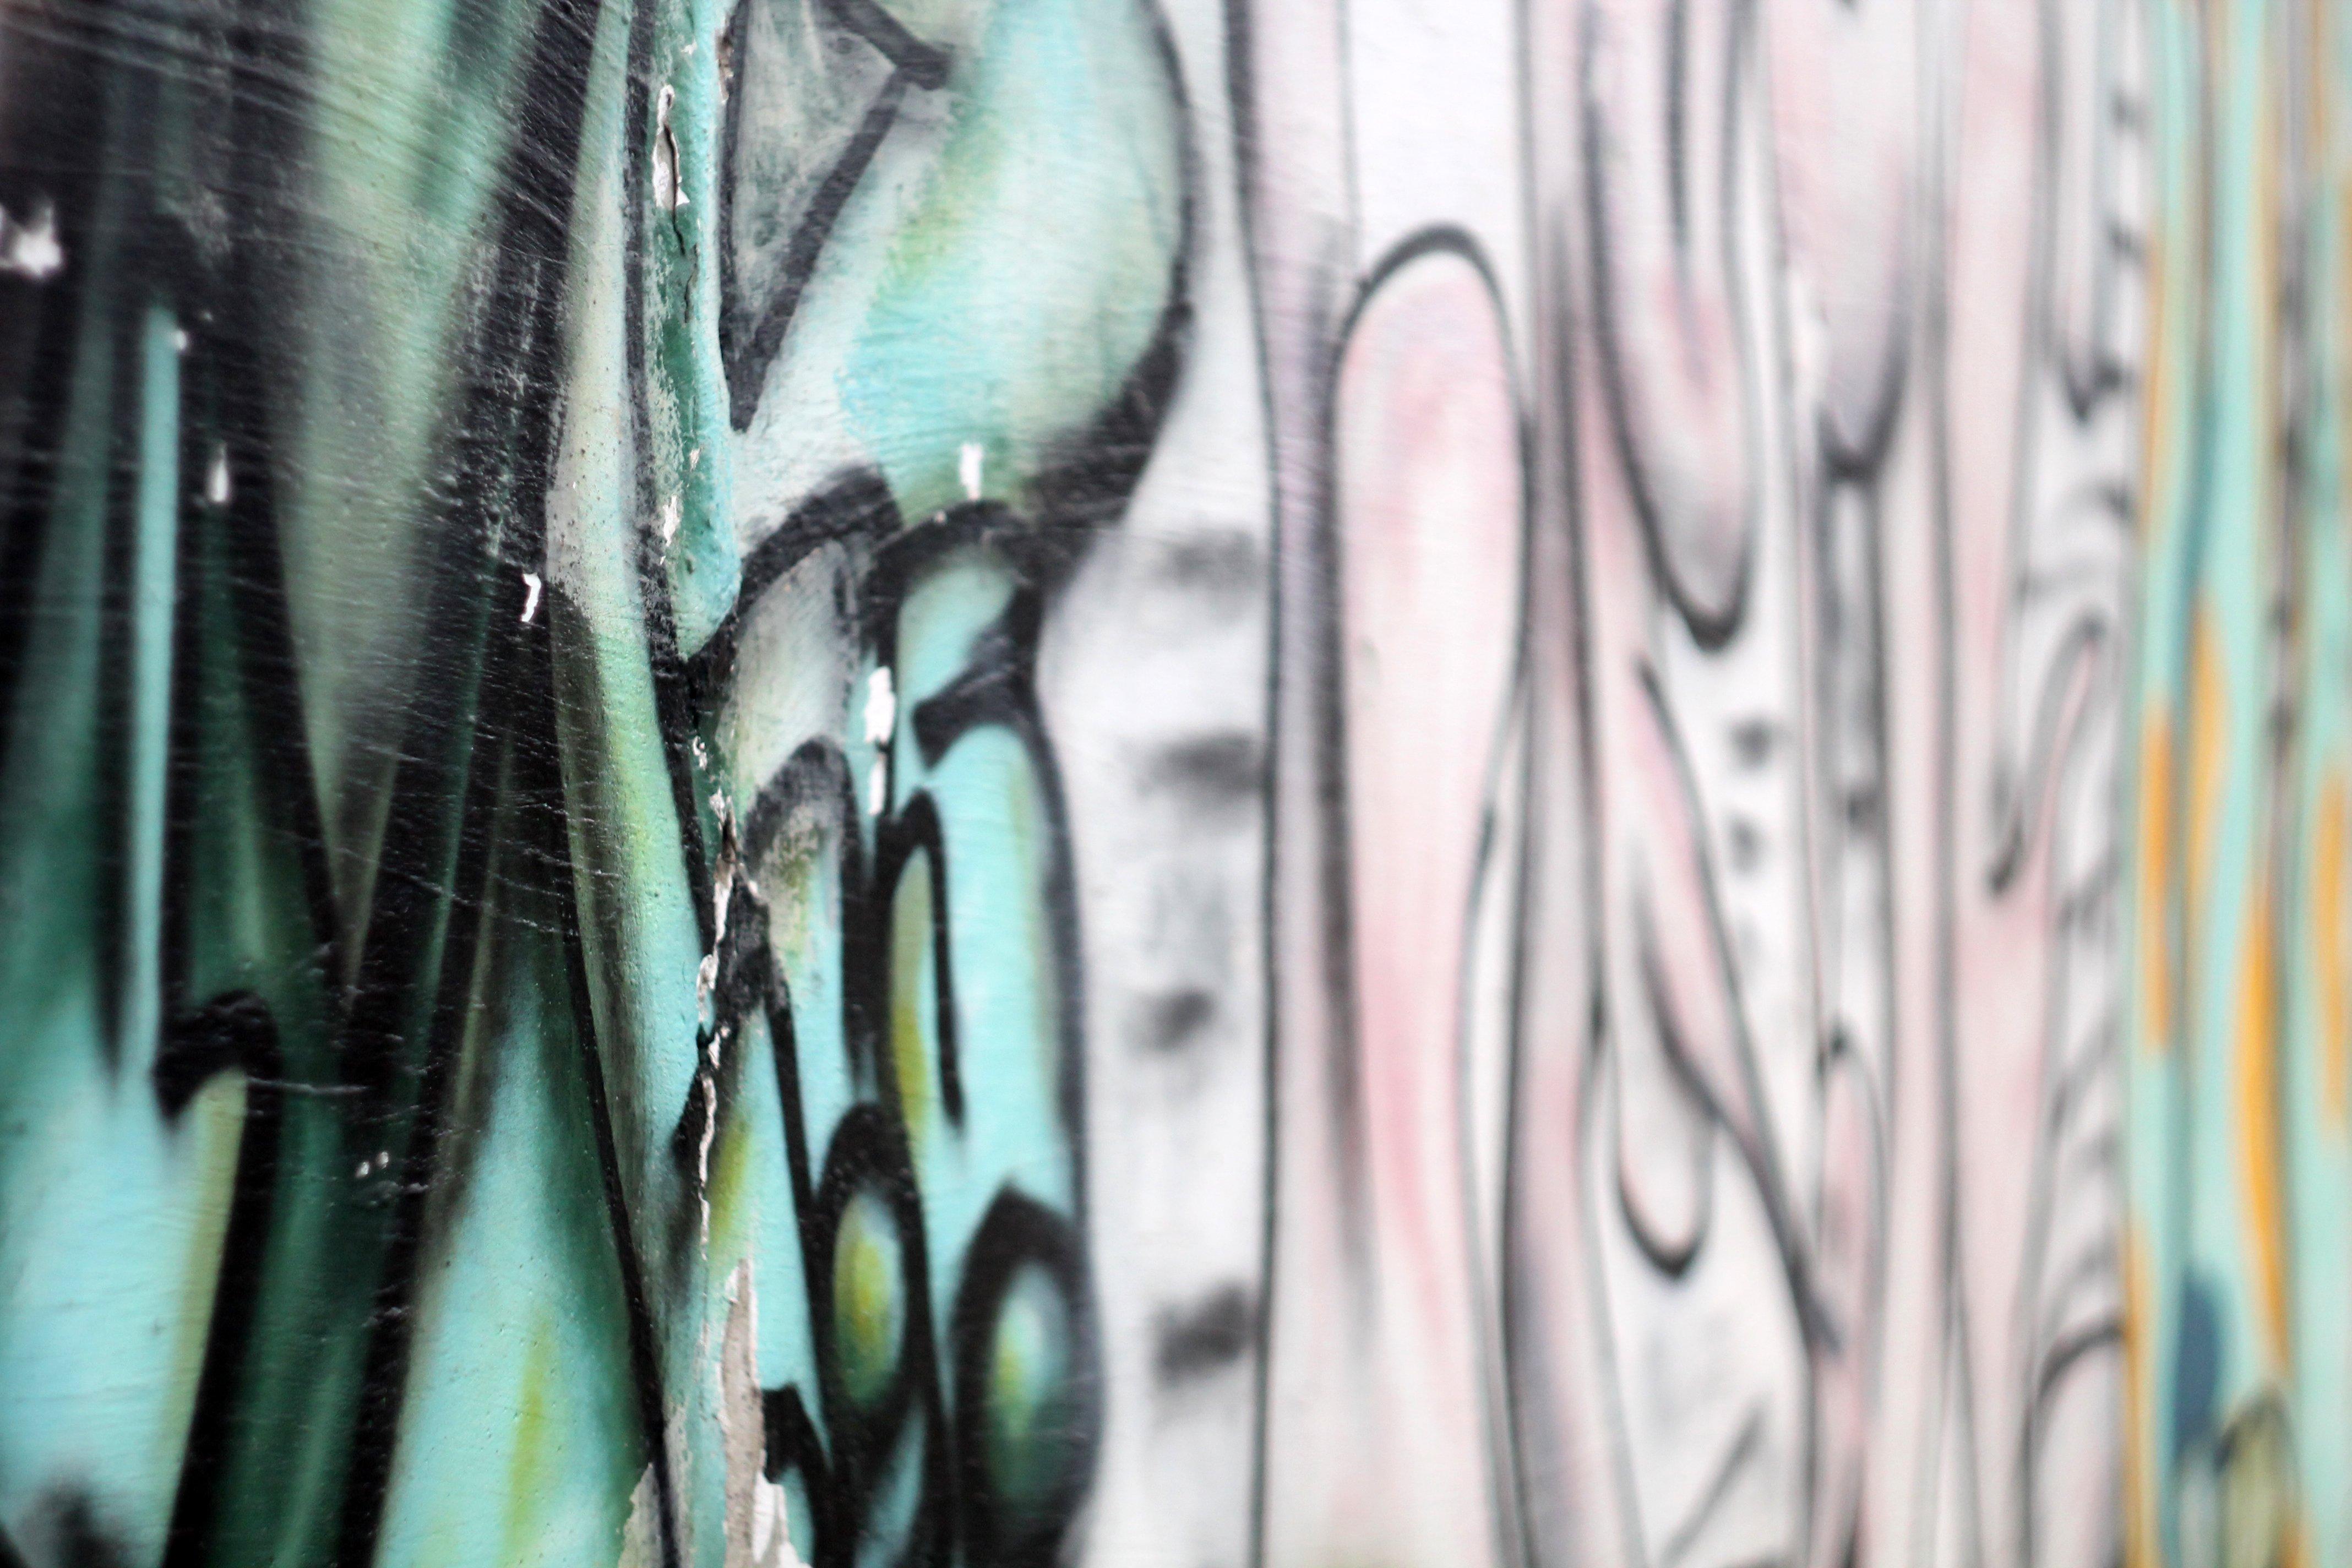 граффити, фон, портрет, стена